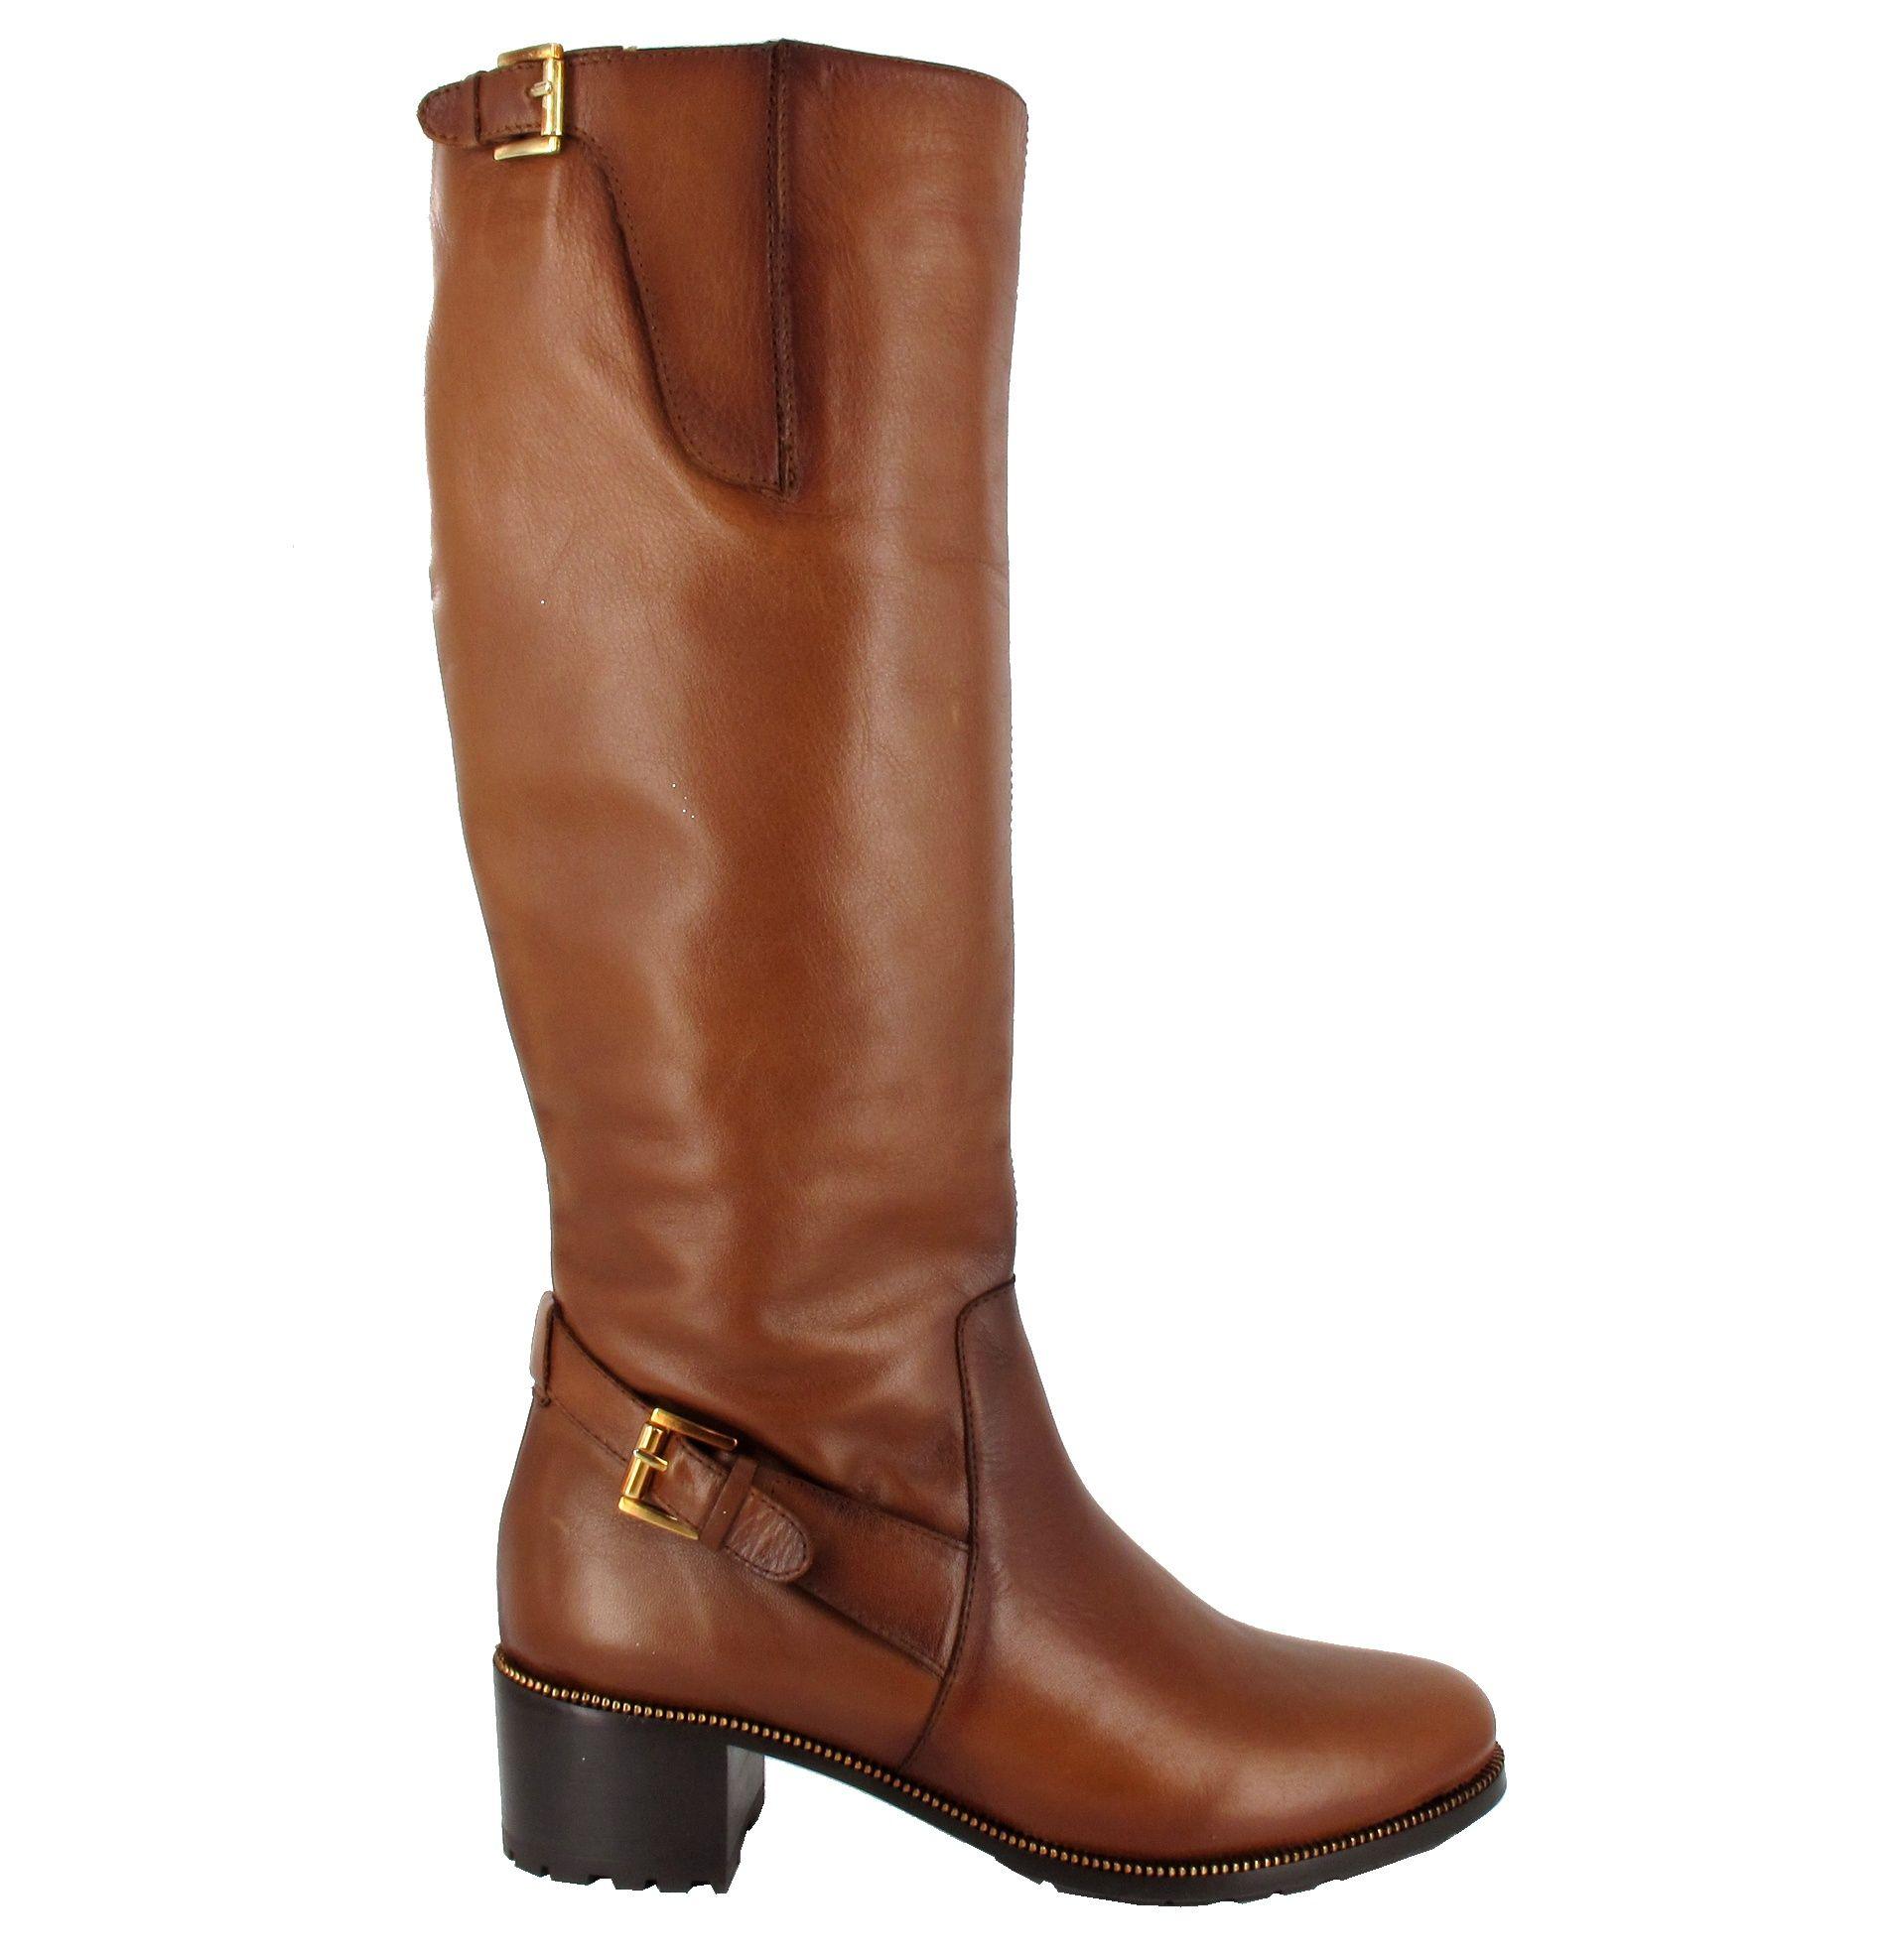 Bota tacón alto de piel BDA 6340 marrón nuez